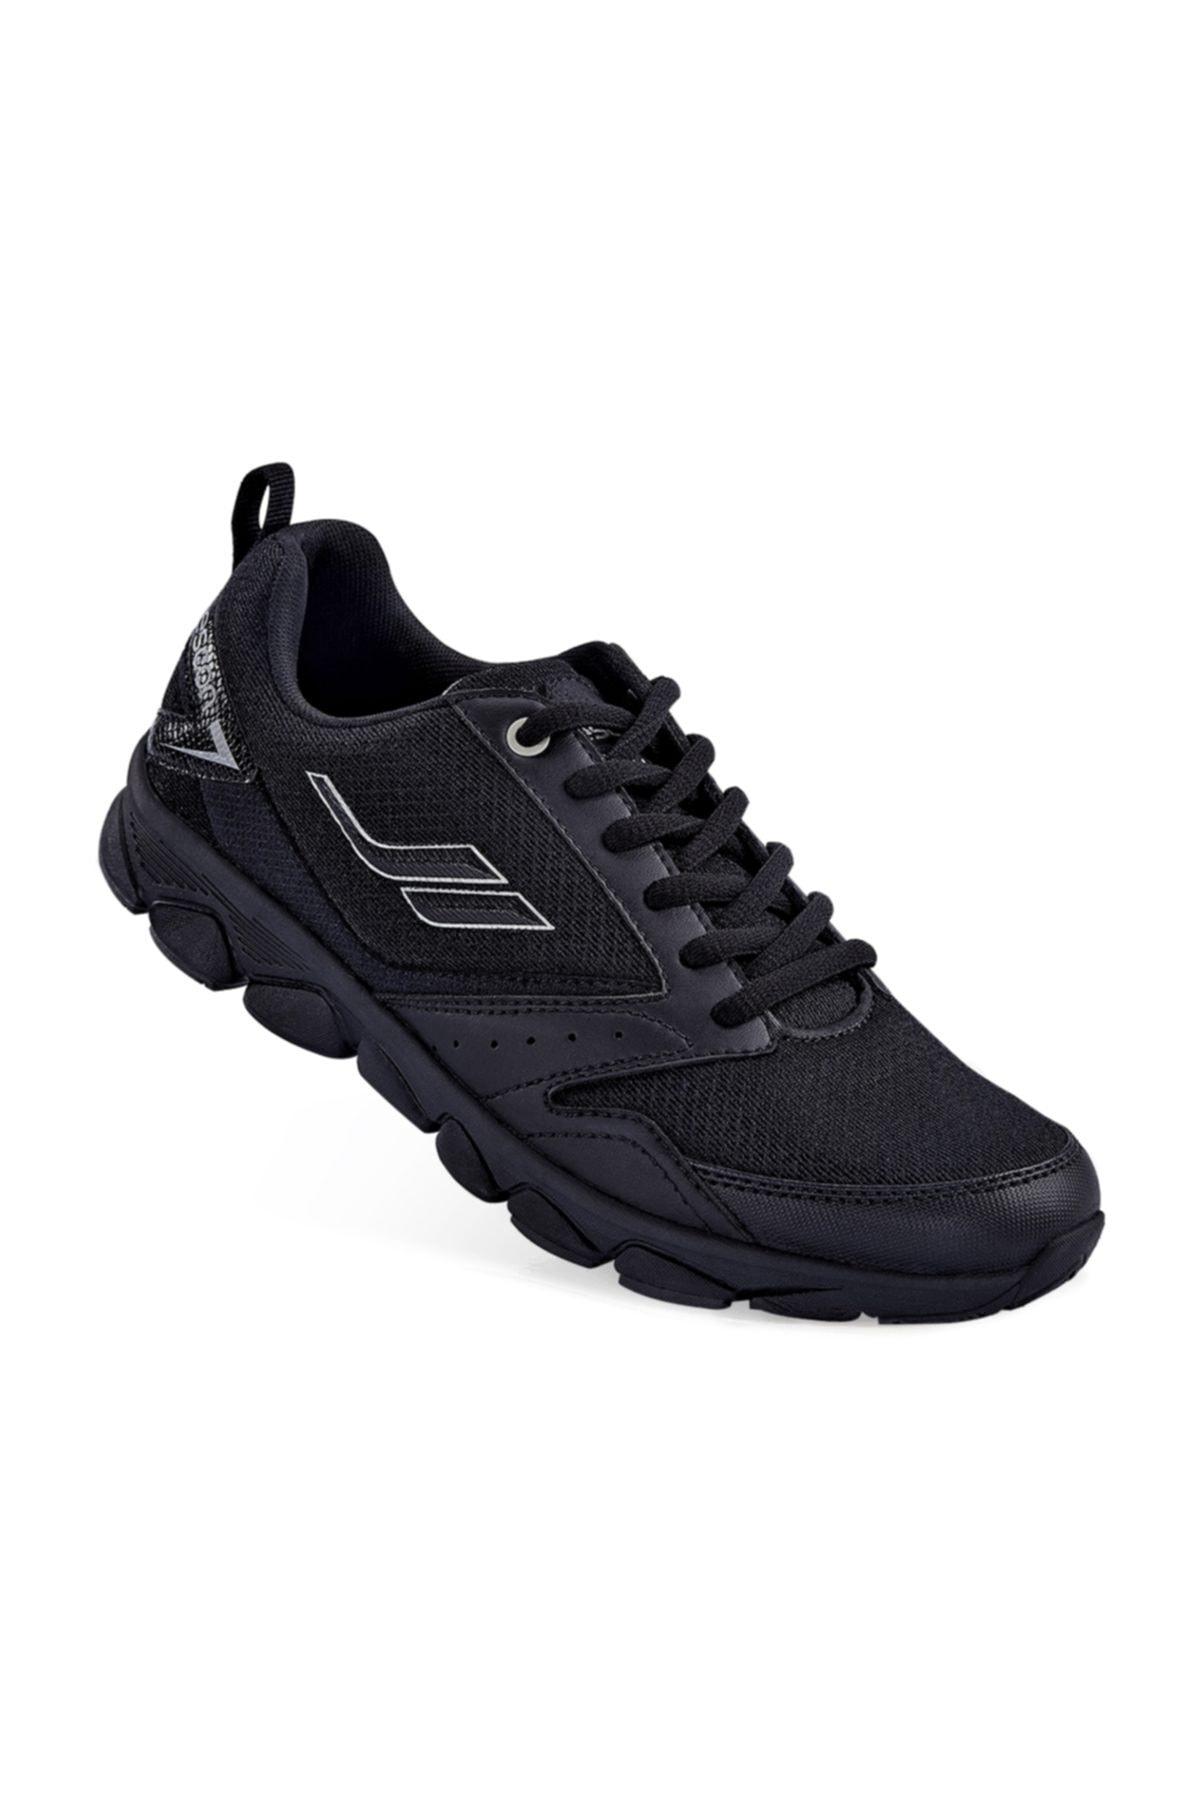 Lescon L-4611 Günlük Bayan Spor Ayakkabısı 1